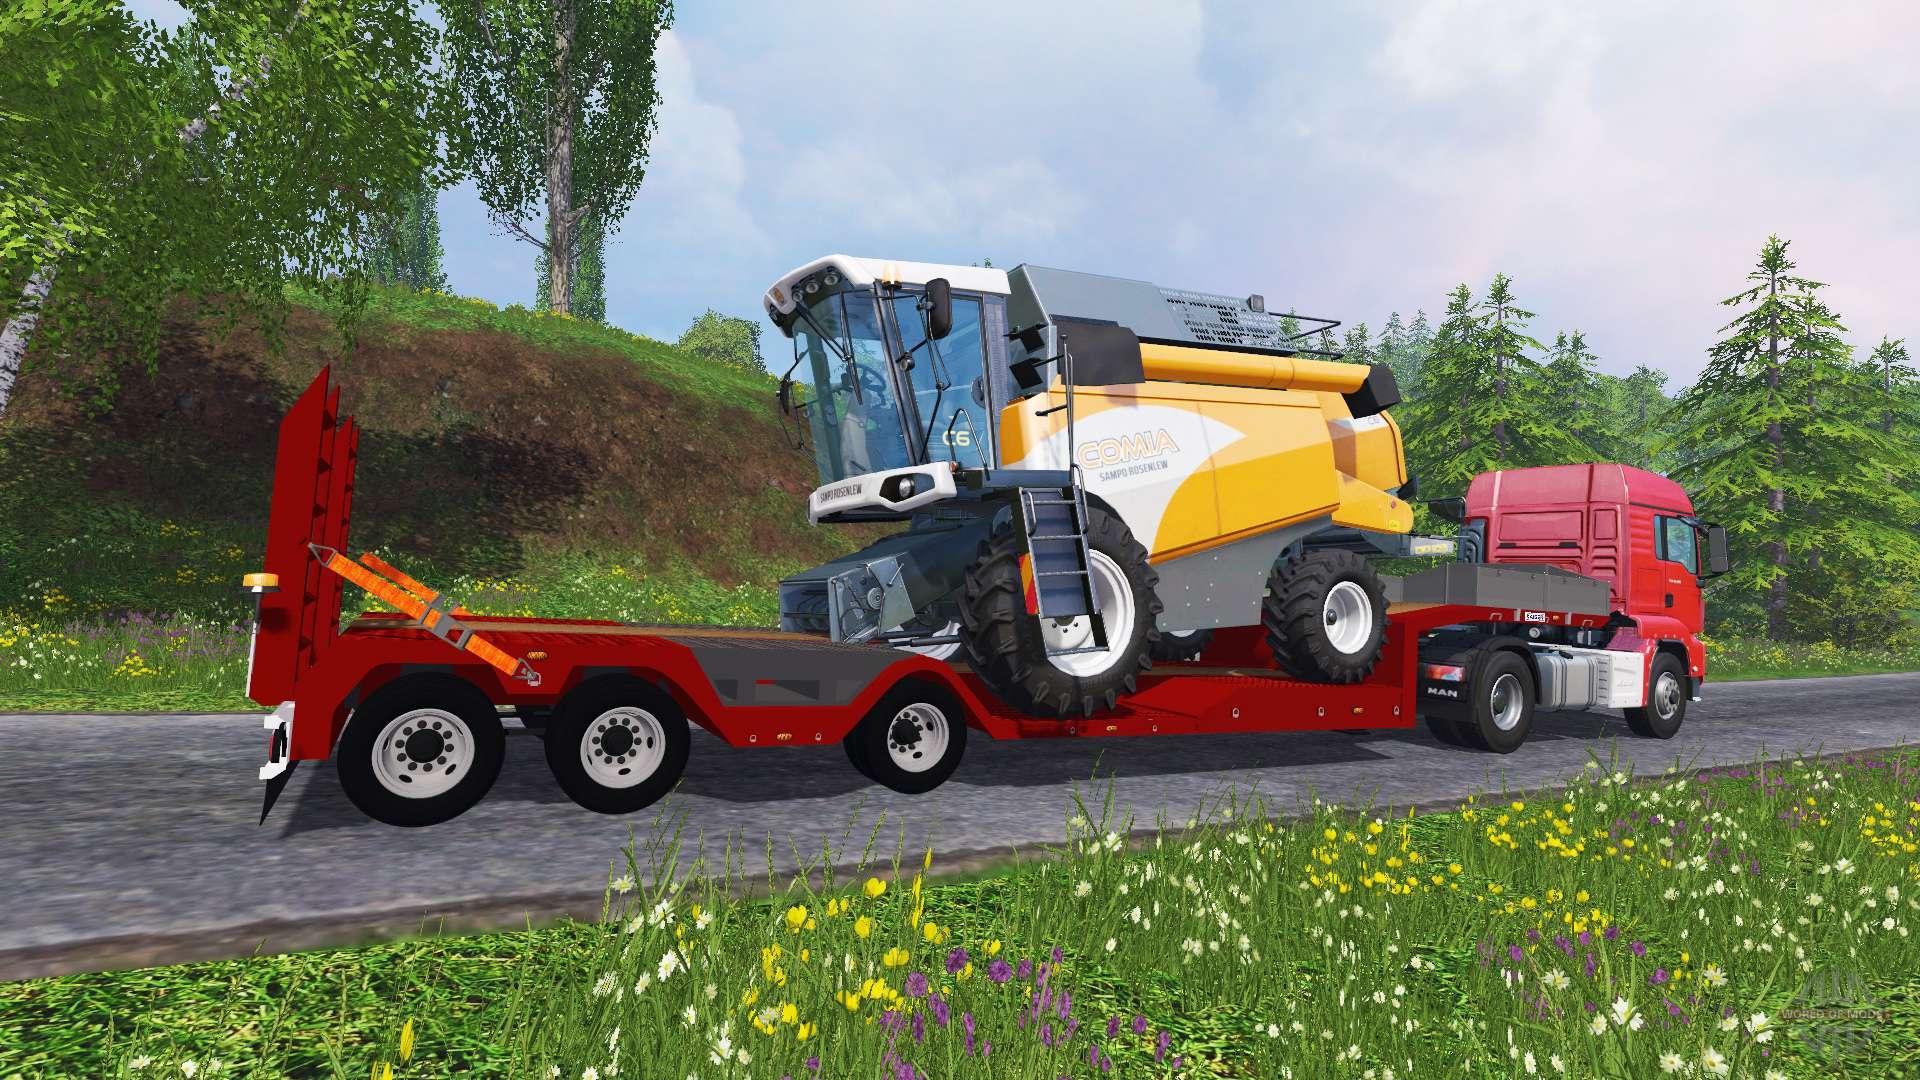 MODS PORTE ENGIN FARMING SIMULATOR 2013 GRATUITEMENT